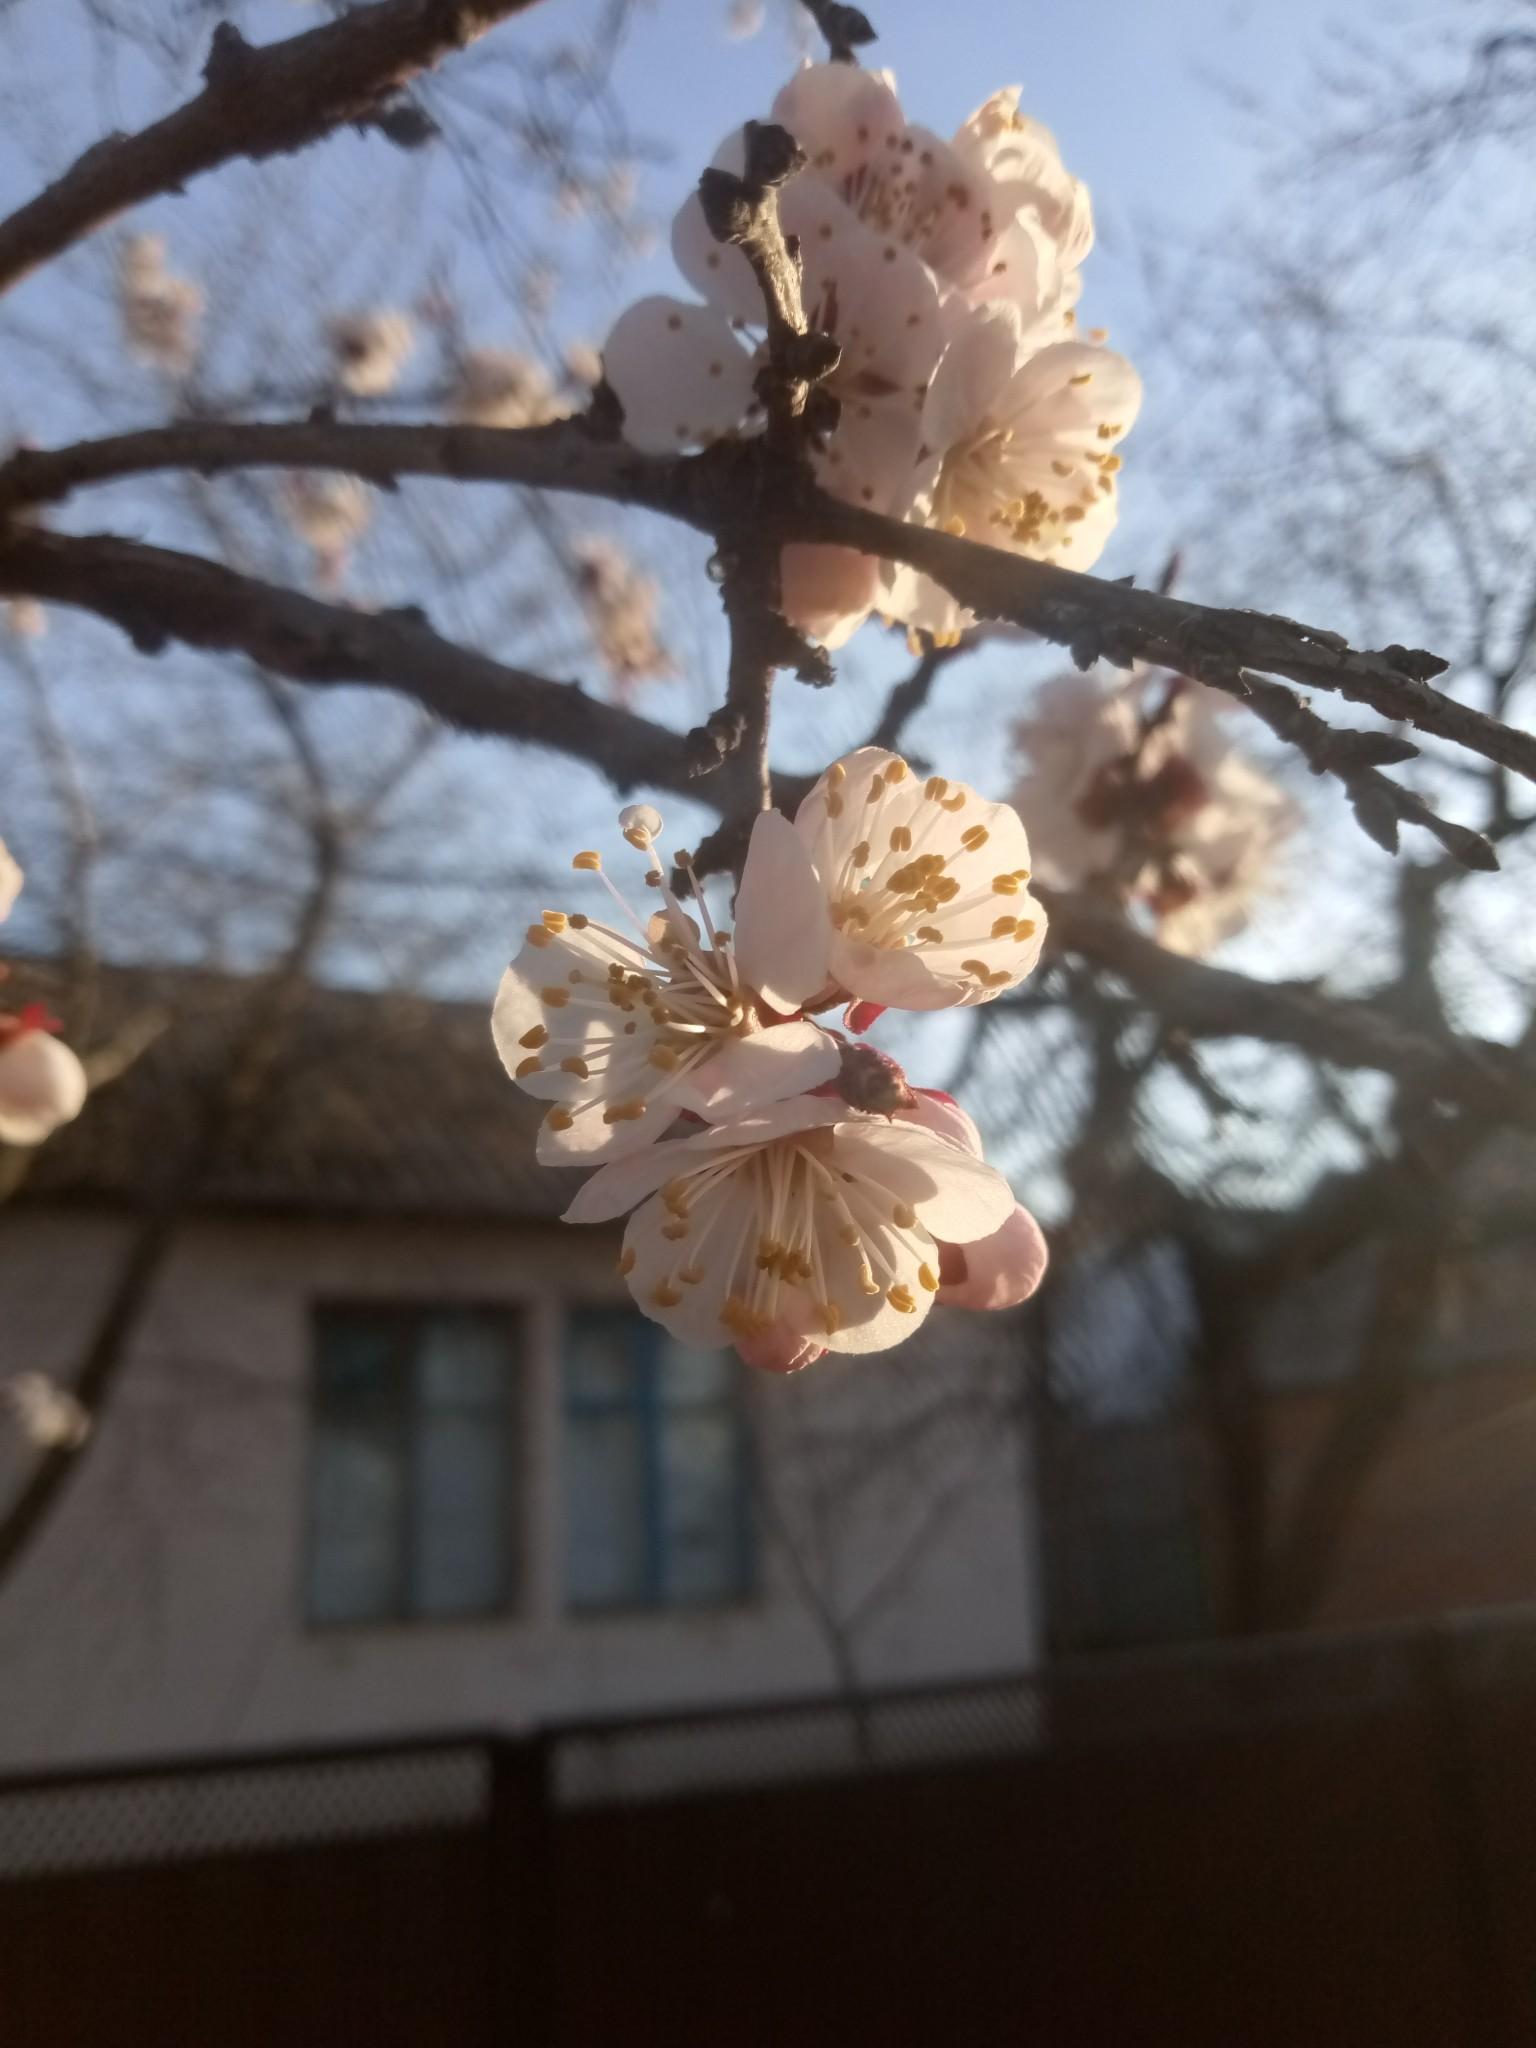 Apricot blossoms photo